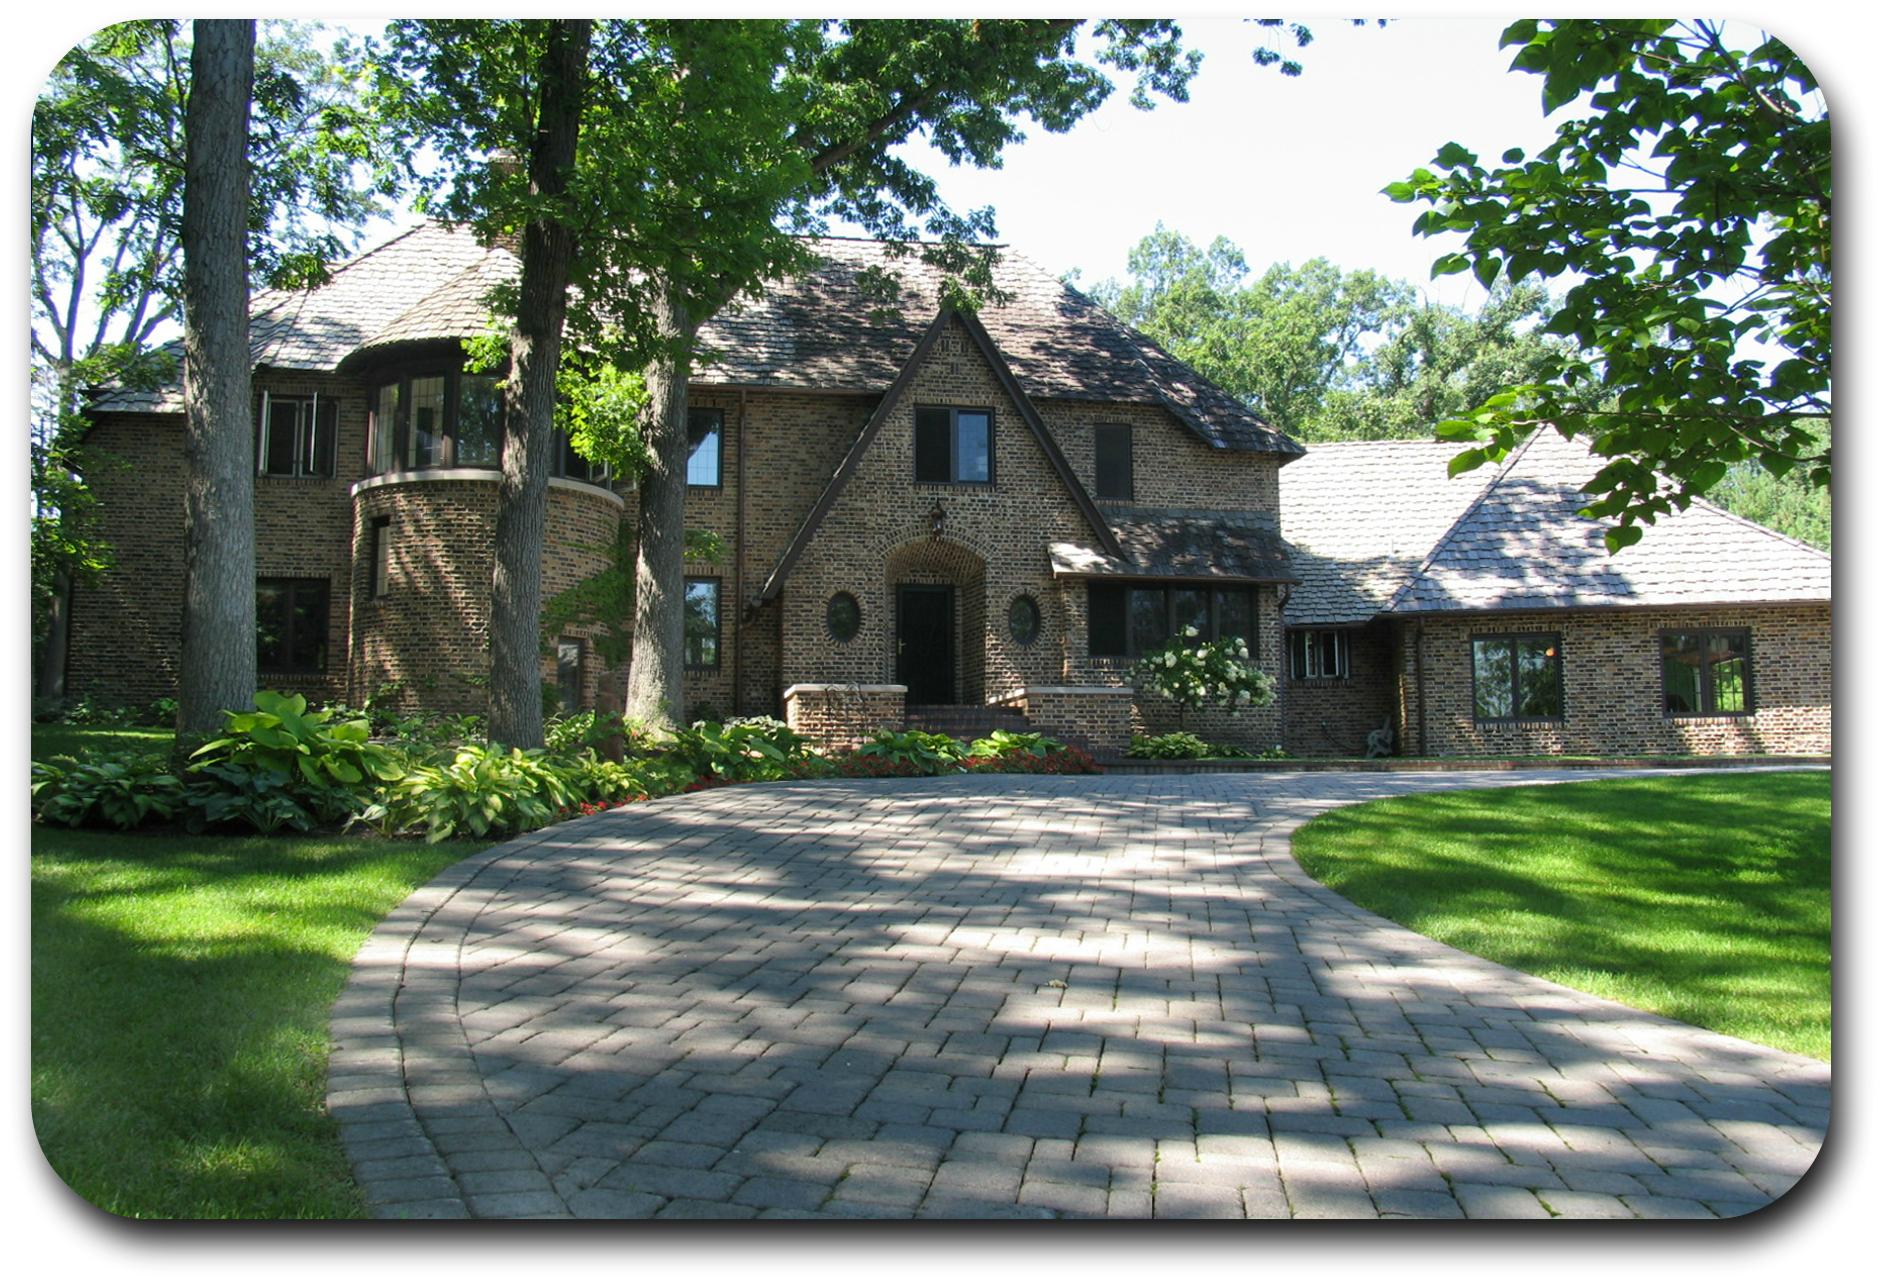 edina mn real estate community relocation guide